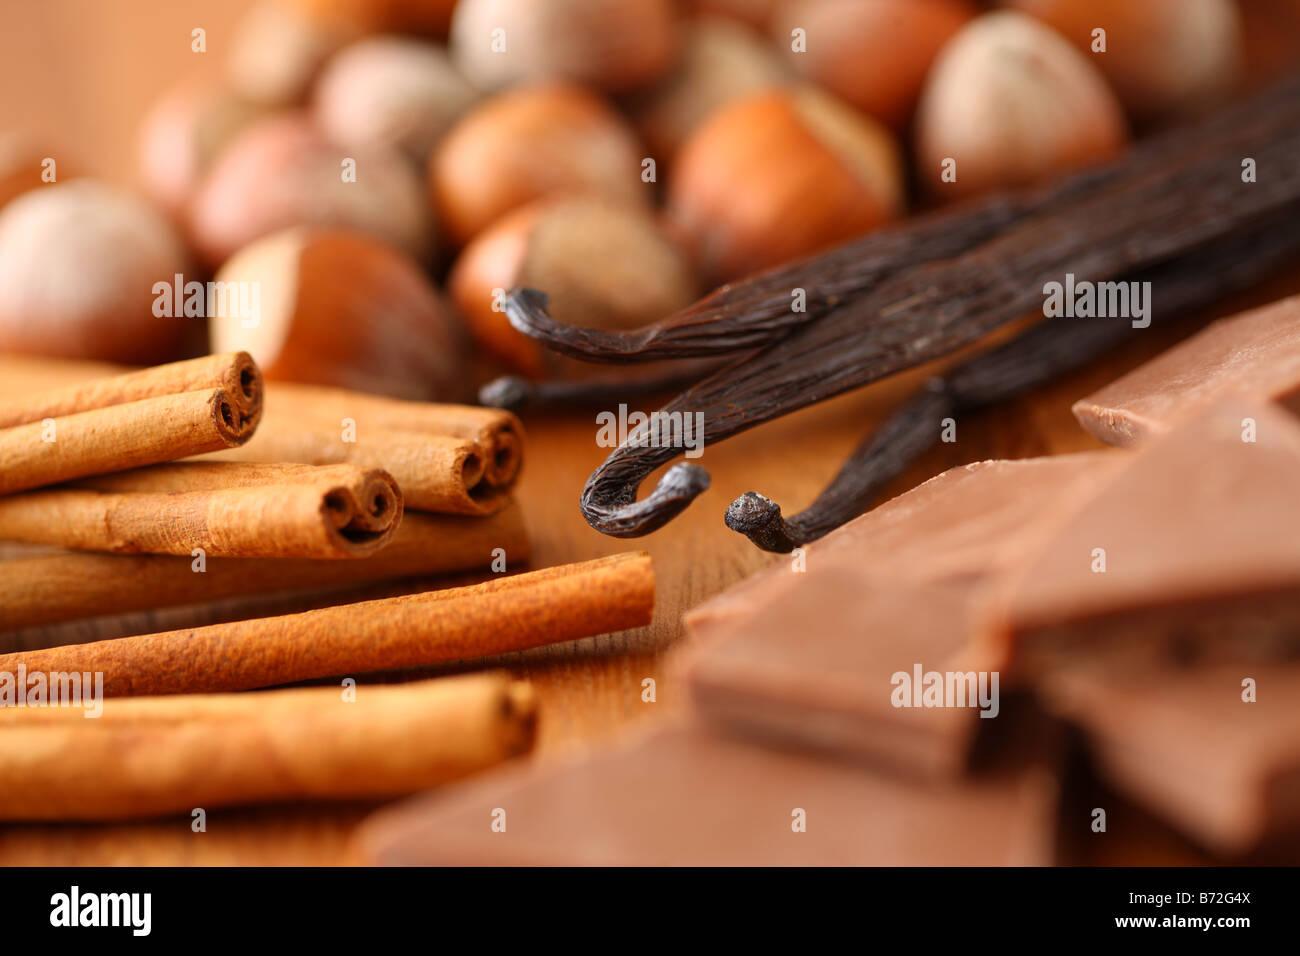 Le nocciole bastoncini di cannella di baccelli di vaniglia e cioccolato Immagini Stock